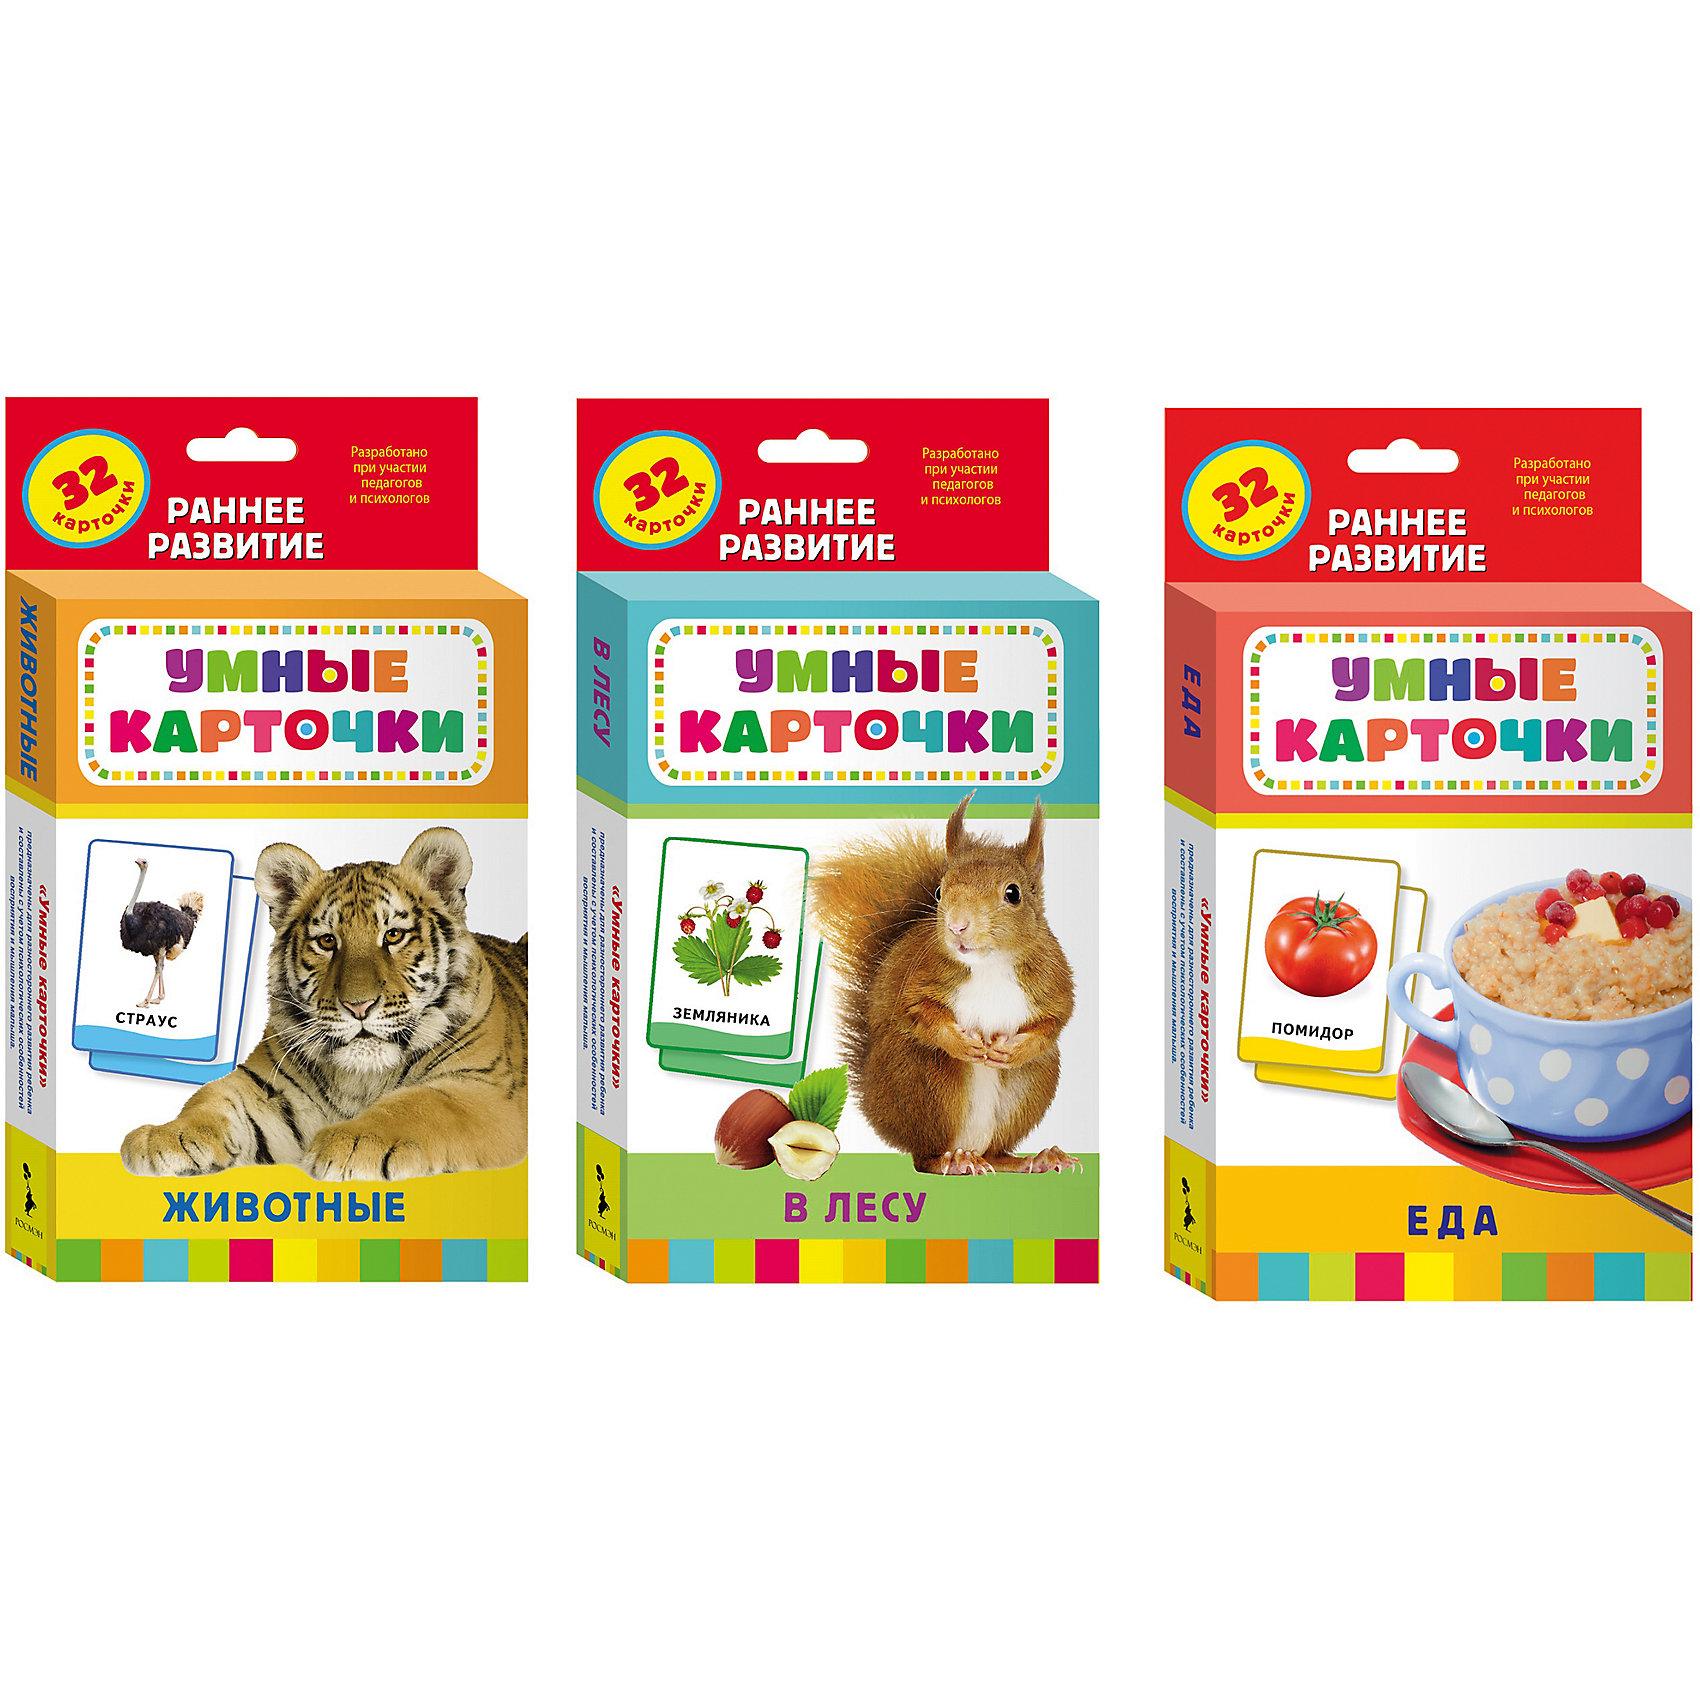 Комплект Умные карточки: В лесу, Еда, ЖивотныеОбучающие карточки<br>Комплект Умные карточки. в лесу, еда, животные<br><br>Характеристики:<br>- В набор входит: 3 набора карточек<br>- количество карточек в наборе: 32<br>- формат: 16 * 11 см.<br>Комплект сразу из трех наборов карточек поможет расширить кругозор малыша и отлично провести время! Карточки подобраны на три темы в каждой из коробочек: «в лесу», «еда» и «животные». На лицевой стороне карточки изображен один объект согласно тематике, а на обратной имеется информация для родителей, в виде вопросов и заданий, чтобы помочь сделать занятия более увлекательными. Яркие и однозначные карточки разработаны при участии психологов и педагогов. Расширяйте словарный запас и познавайте мир вокруг нас с развивающими карточками. <br>Комплект Умные карточки. в лесу, еда, животные можно купить в нашем интернет-магазине.<br>Подробнее:<br>• Для детей в возрасте: от 3 до 6 лет<br>• Номер товара: 5109599<br>Страна производитель: Российская Федерация<br><br>Ширина мм: 200<br>Глубина мм: 112<br>Высота мм: 60<br>Вес г: 652<br>Возраст от месяцев: 0<br>Возраст до месяцев: 36<br>Пол: Унисекс<br>Возраст: Детский<br>SKU: 5109599